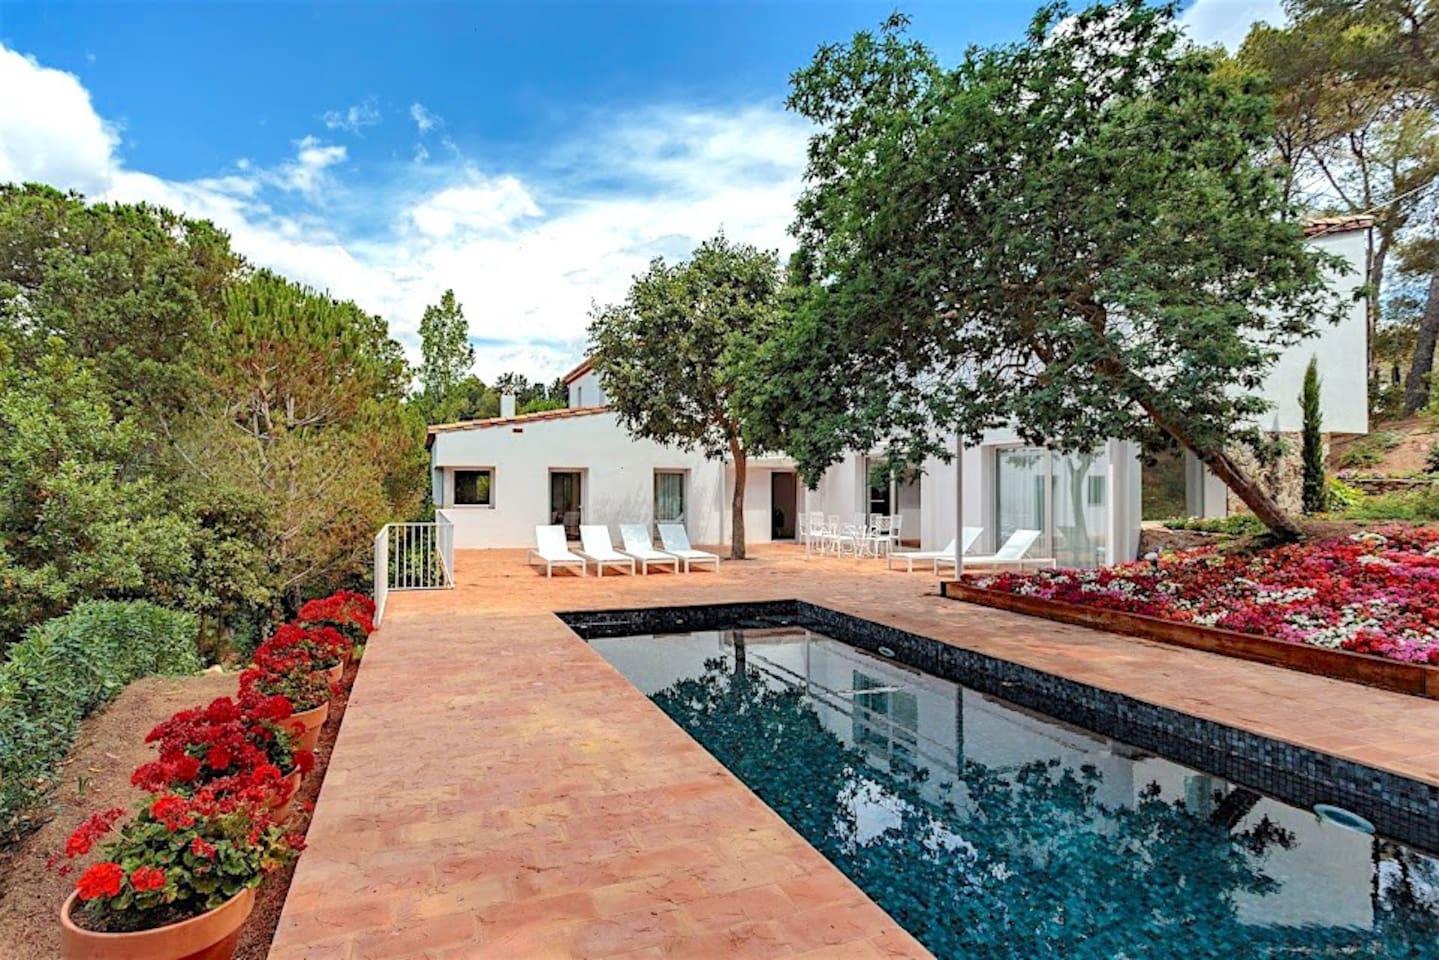 Terraza exterior , piscina